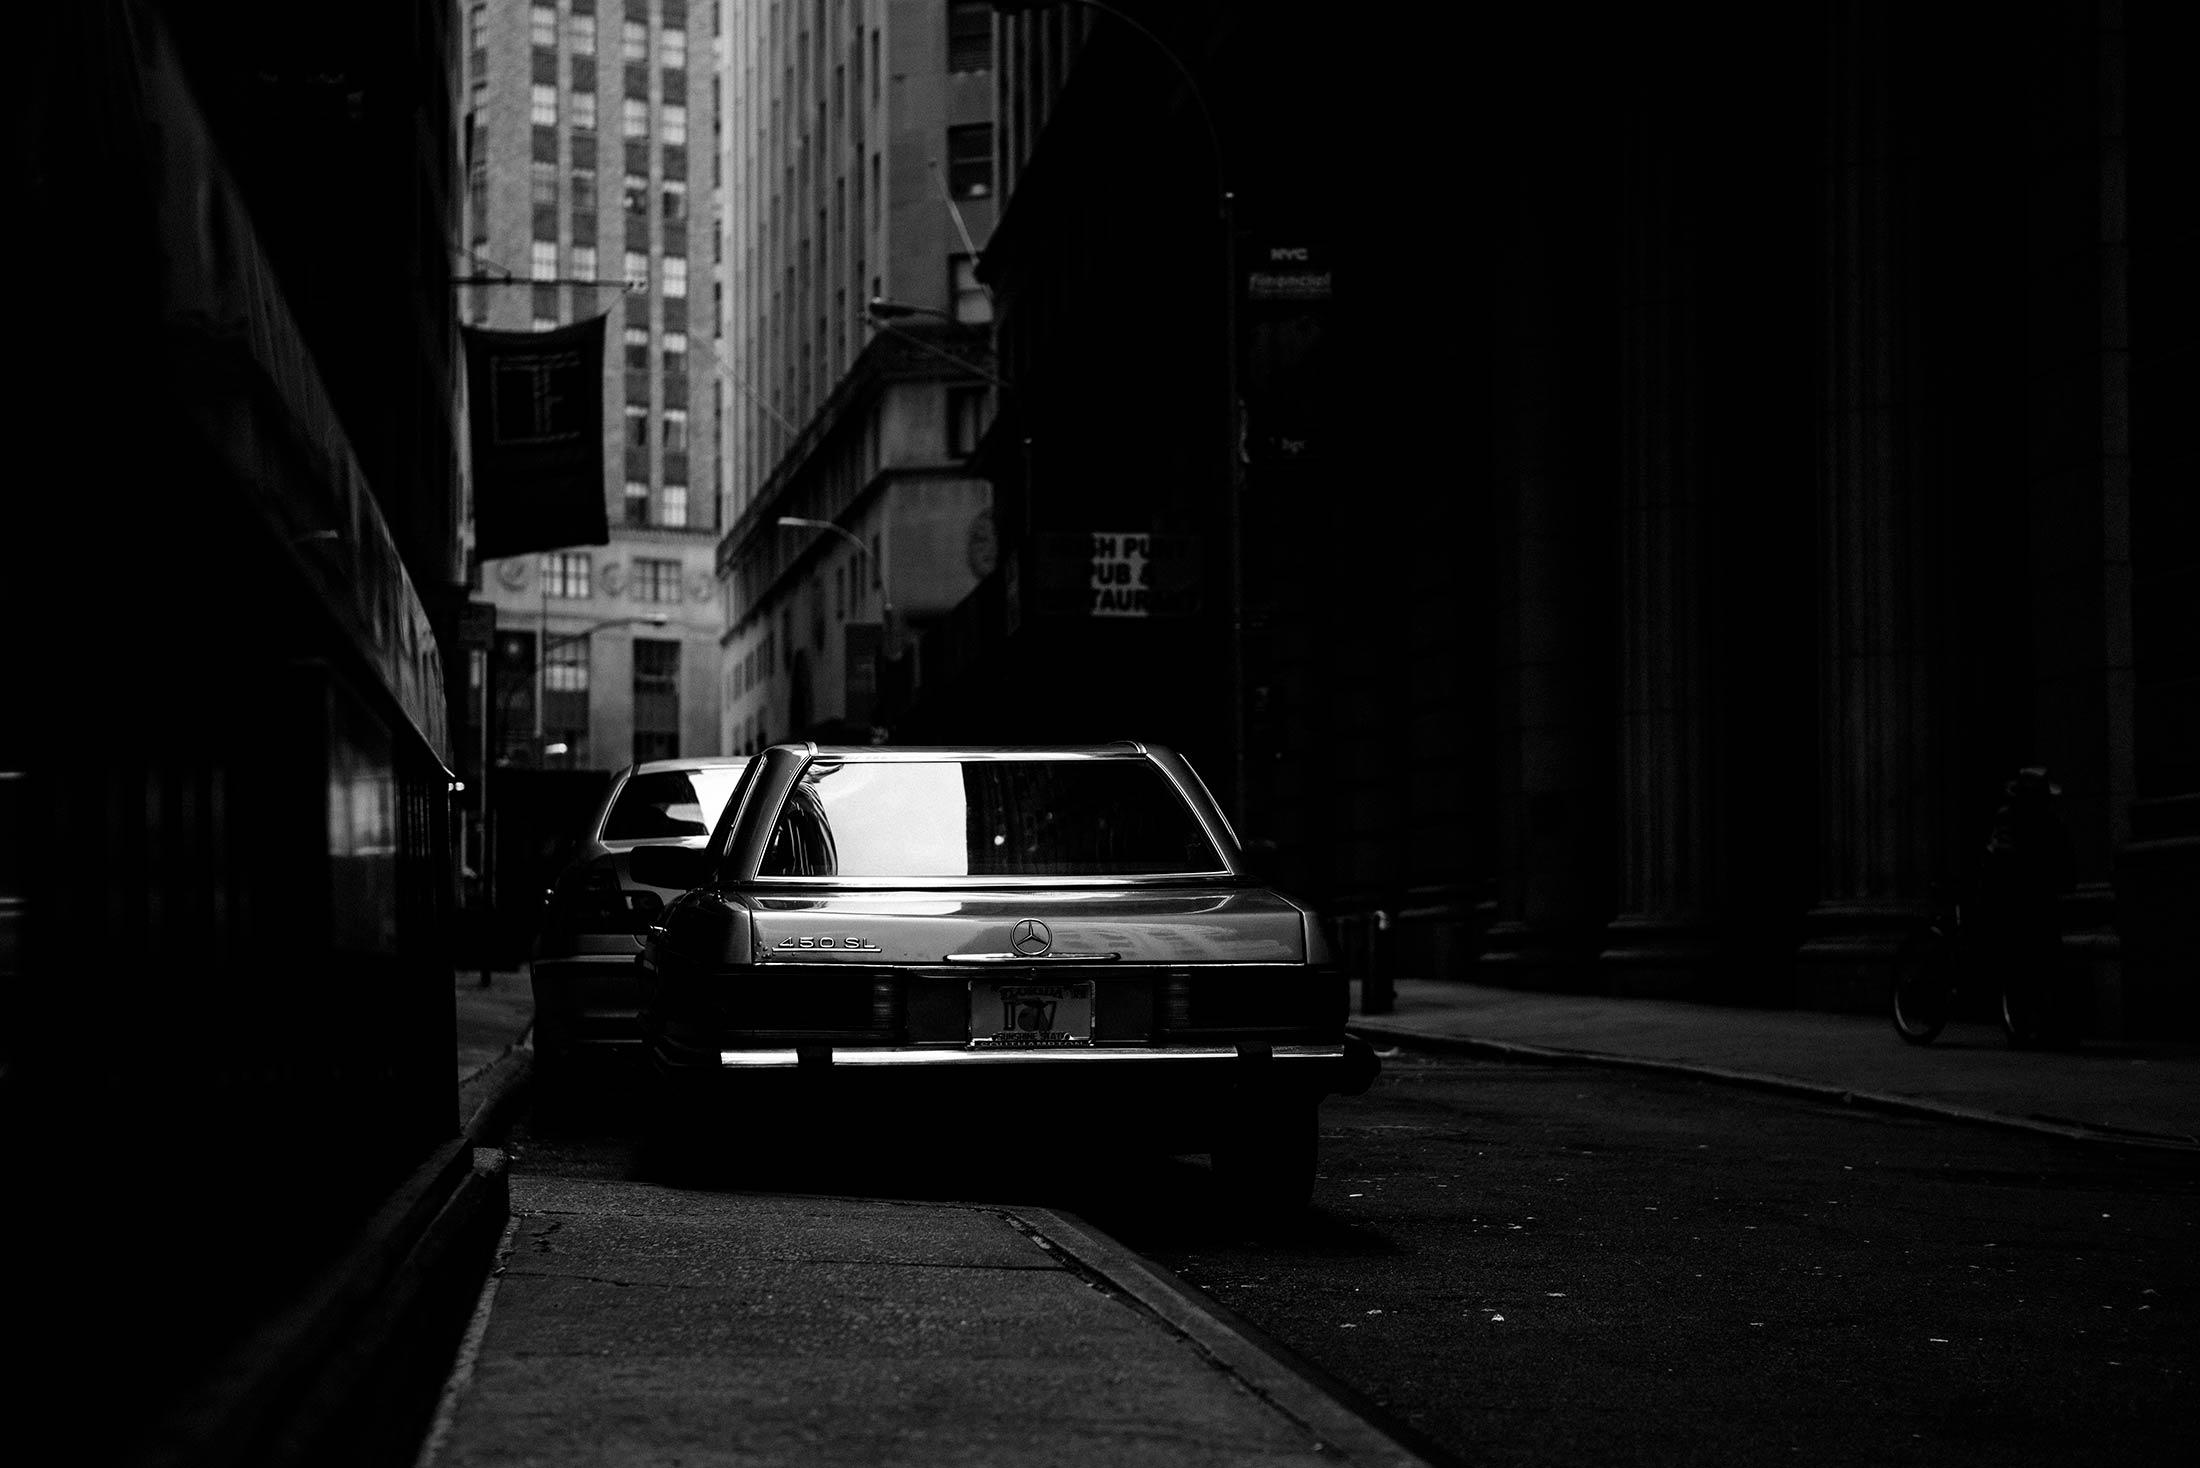 NYC_NewYorkCity_03-Mitja_Schneehage